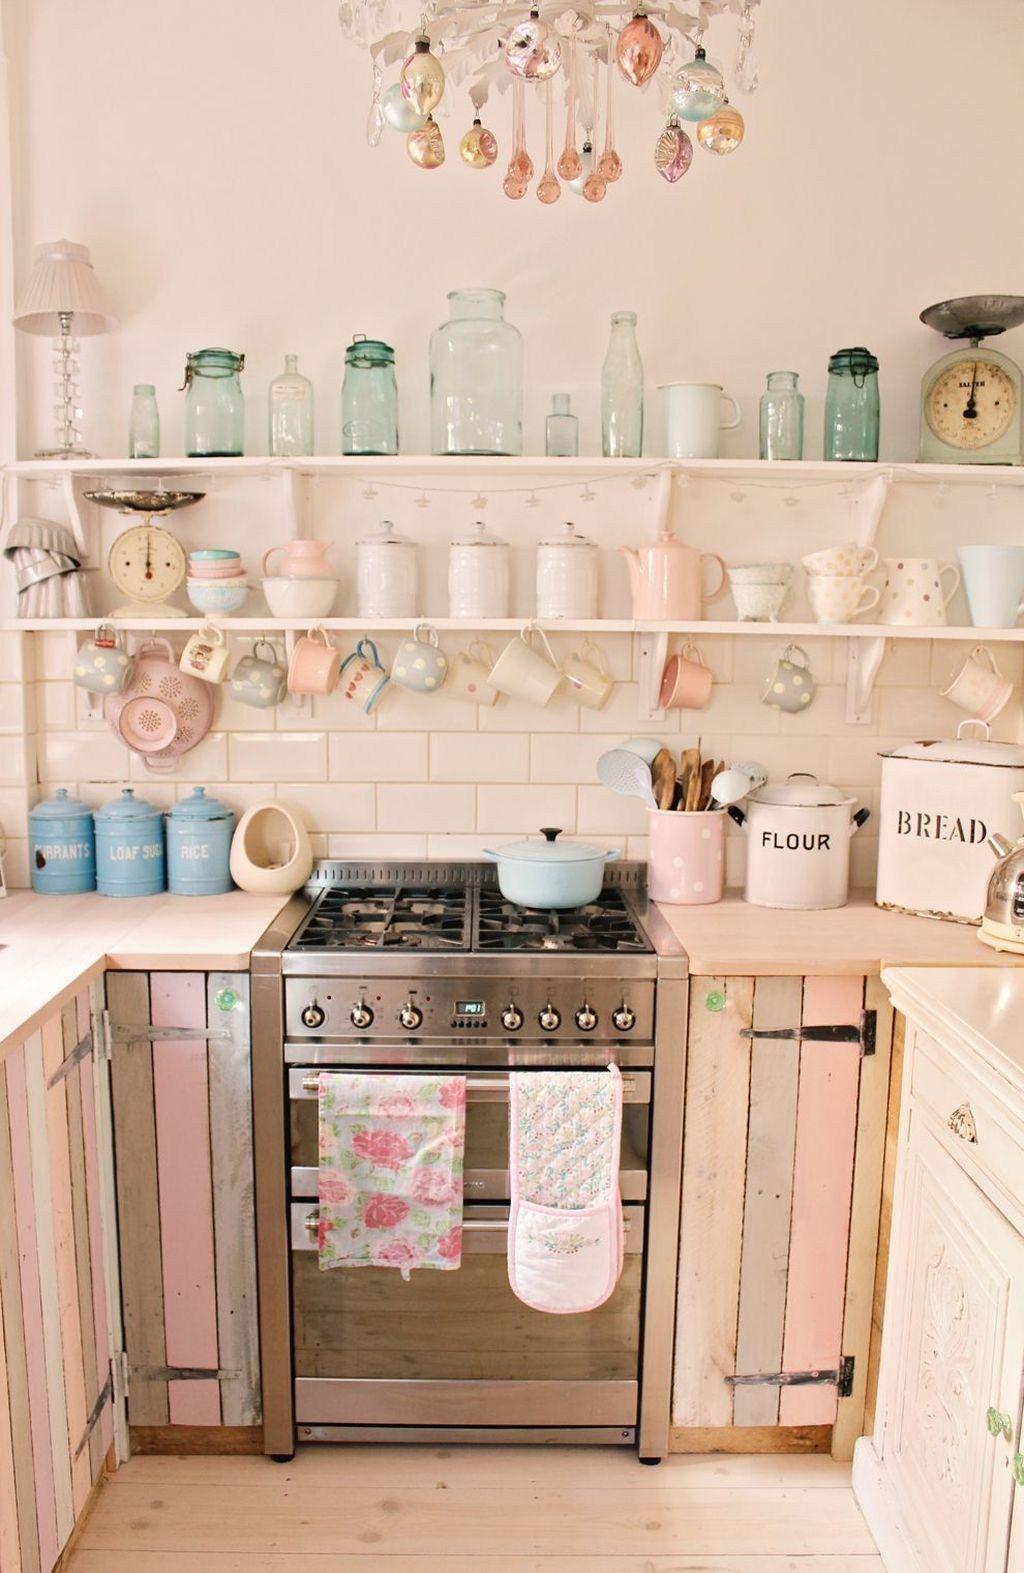 32 Schone Vintage Kuche Dekorationen Ideen Um Einen Schonen Blick Zu Machen Shabby Chic Kitchen Decor Chic Kitchen Decor Shabby Chic Kitchen